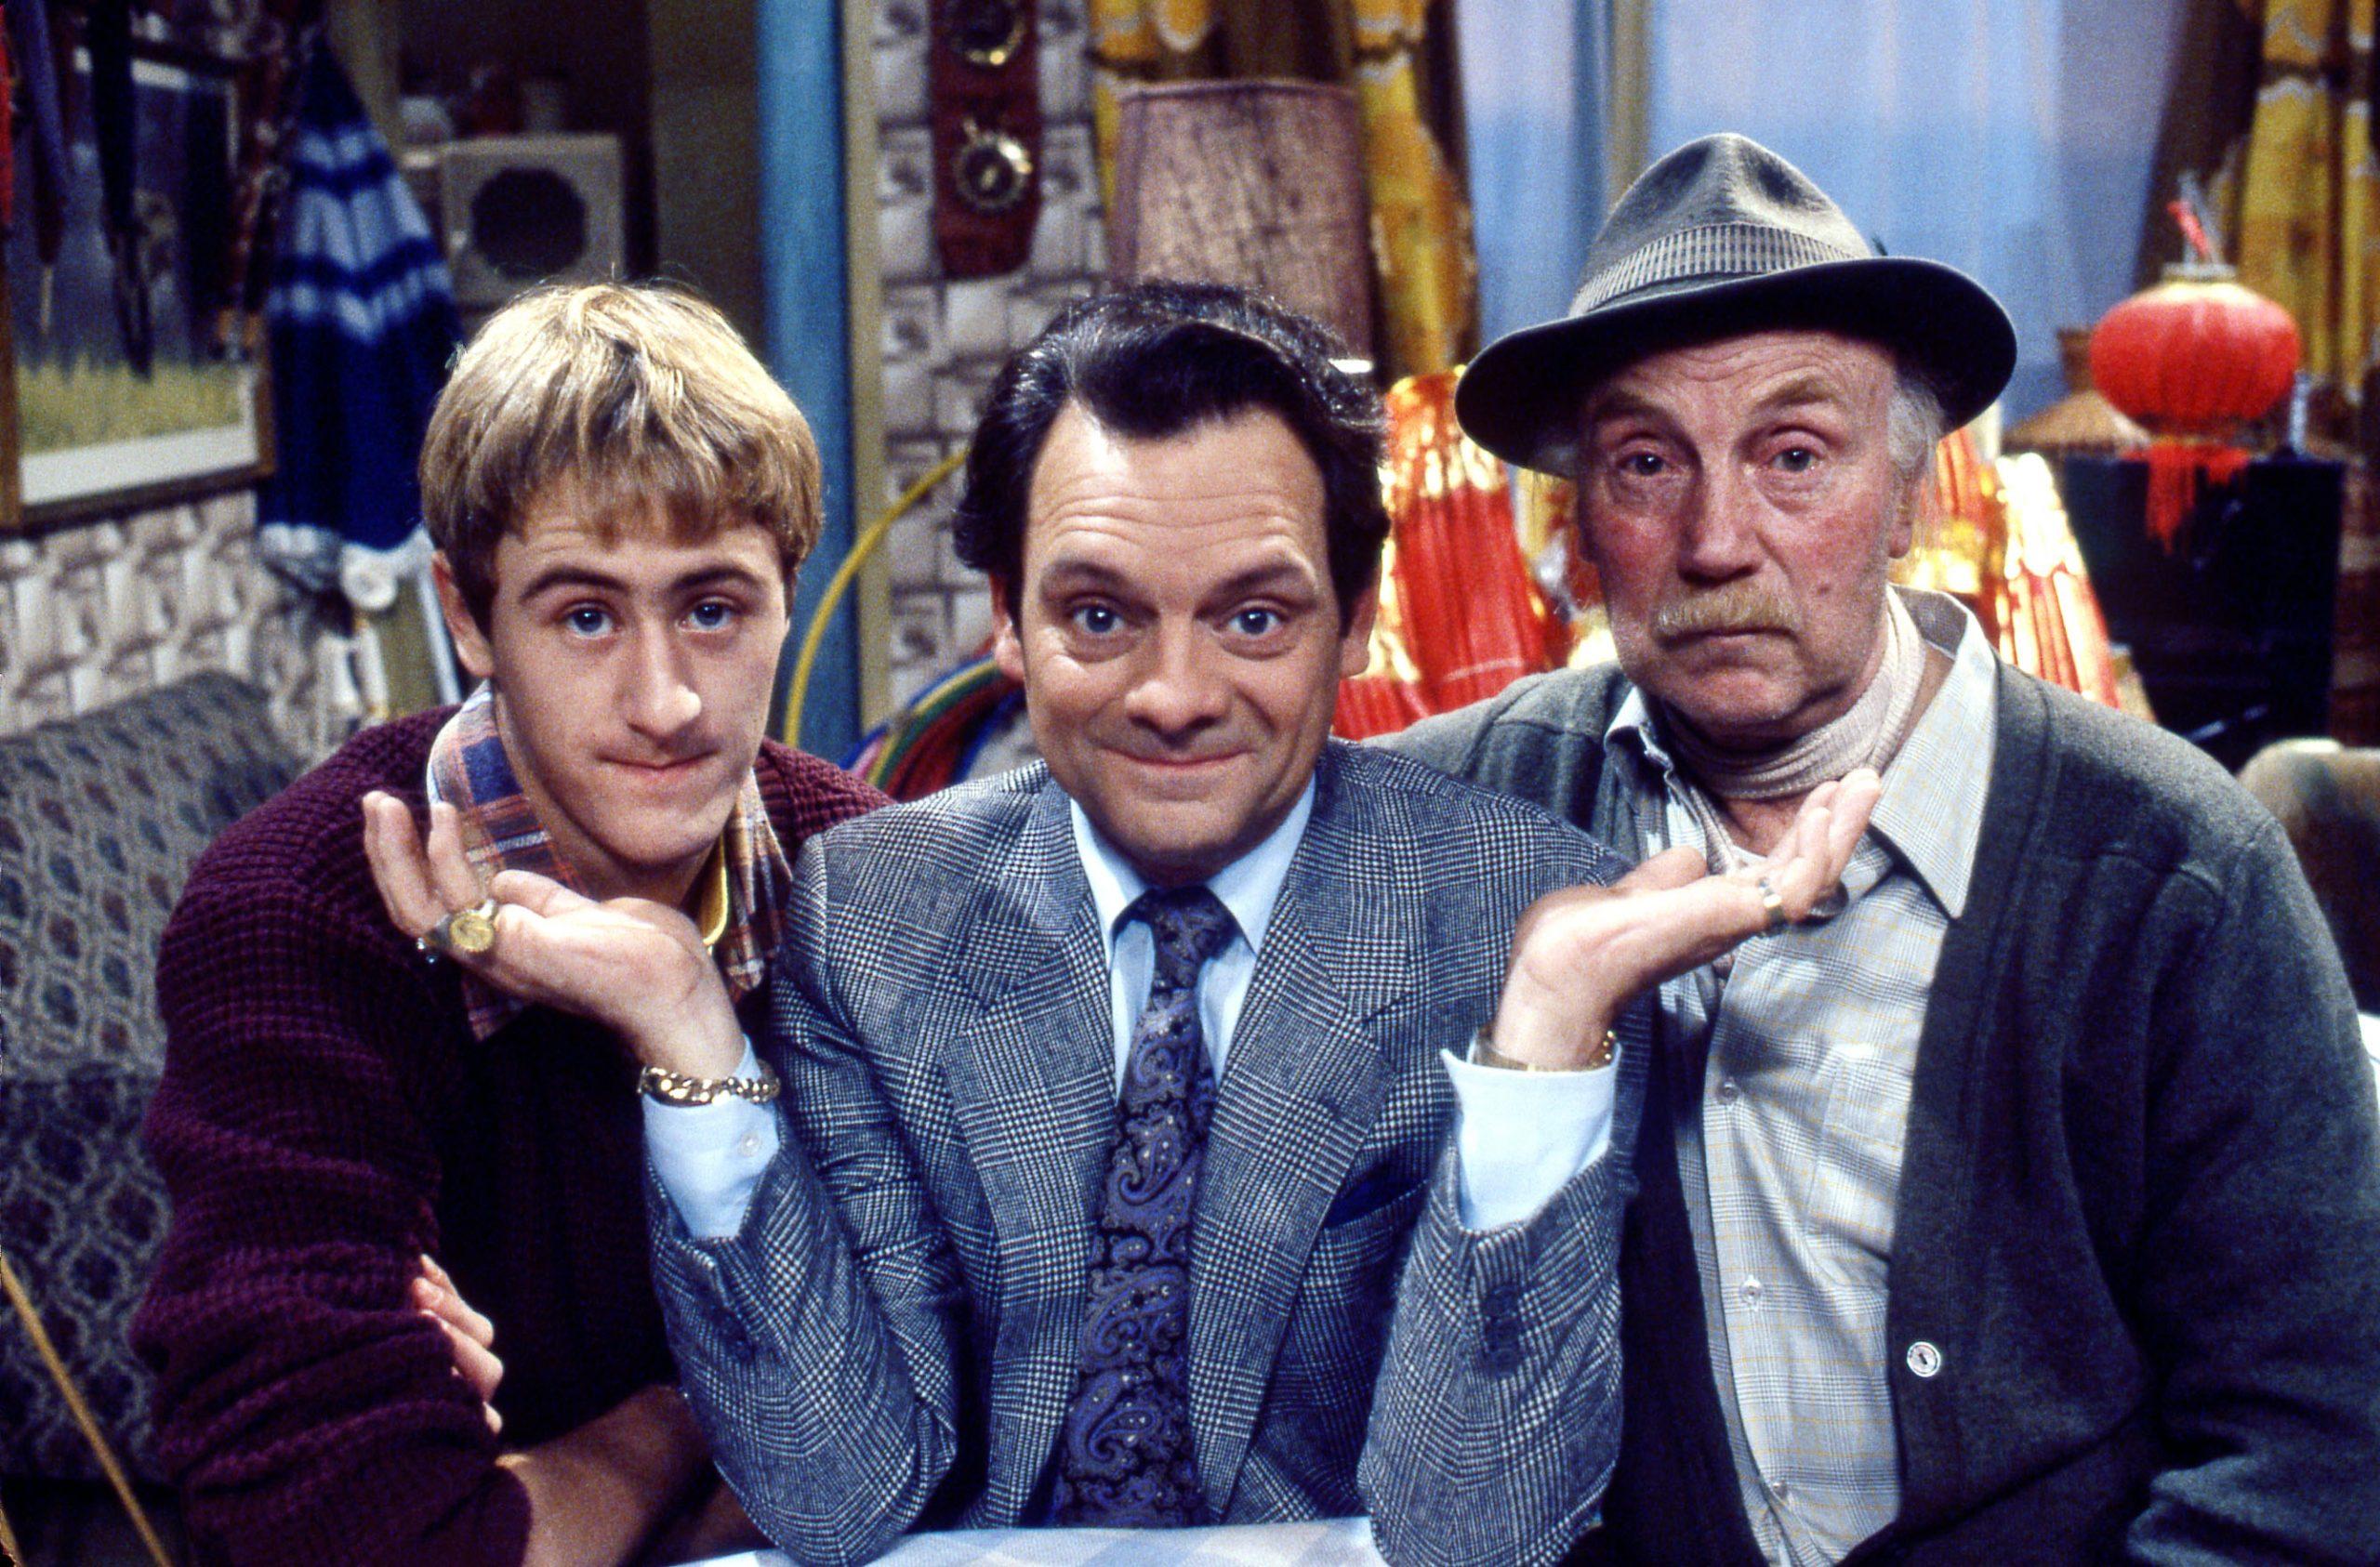 Rodney, vovô e Del em apenas tolos e cavalos